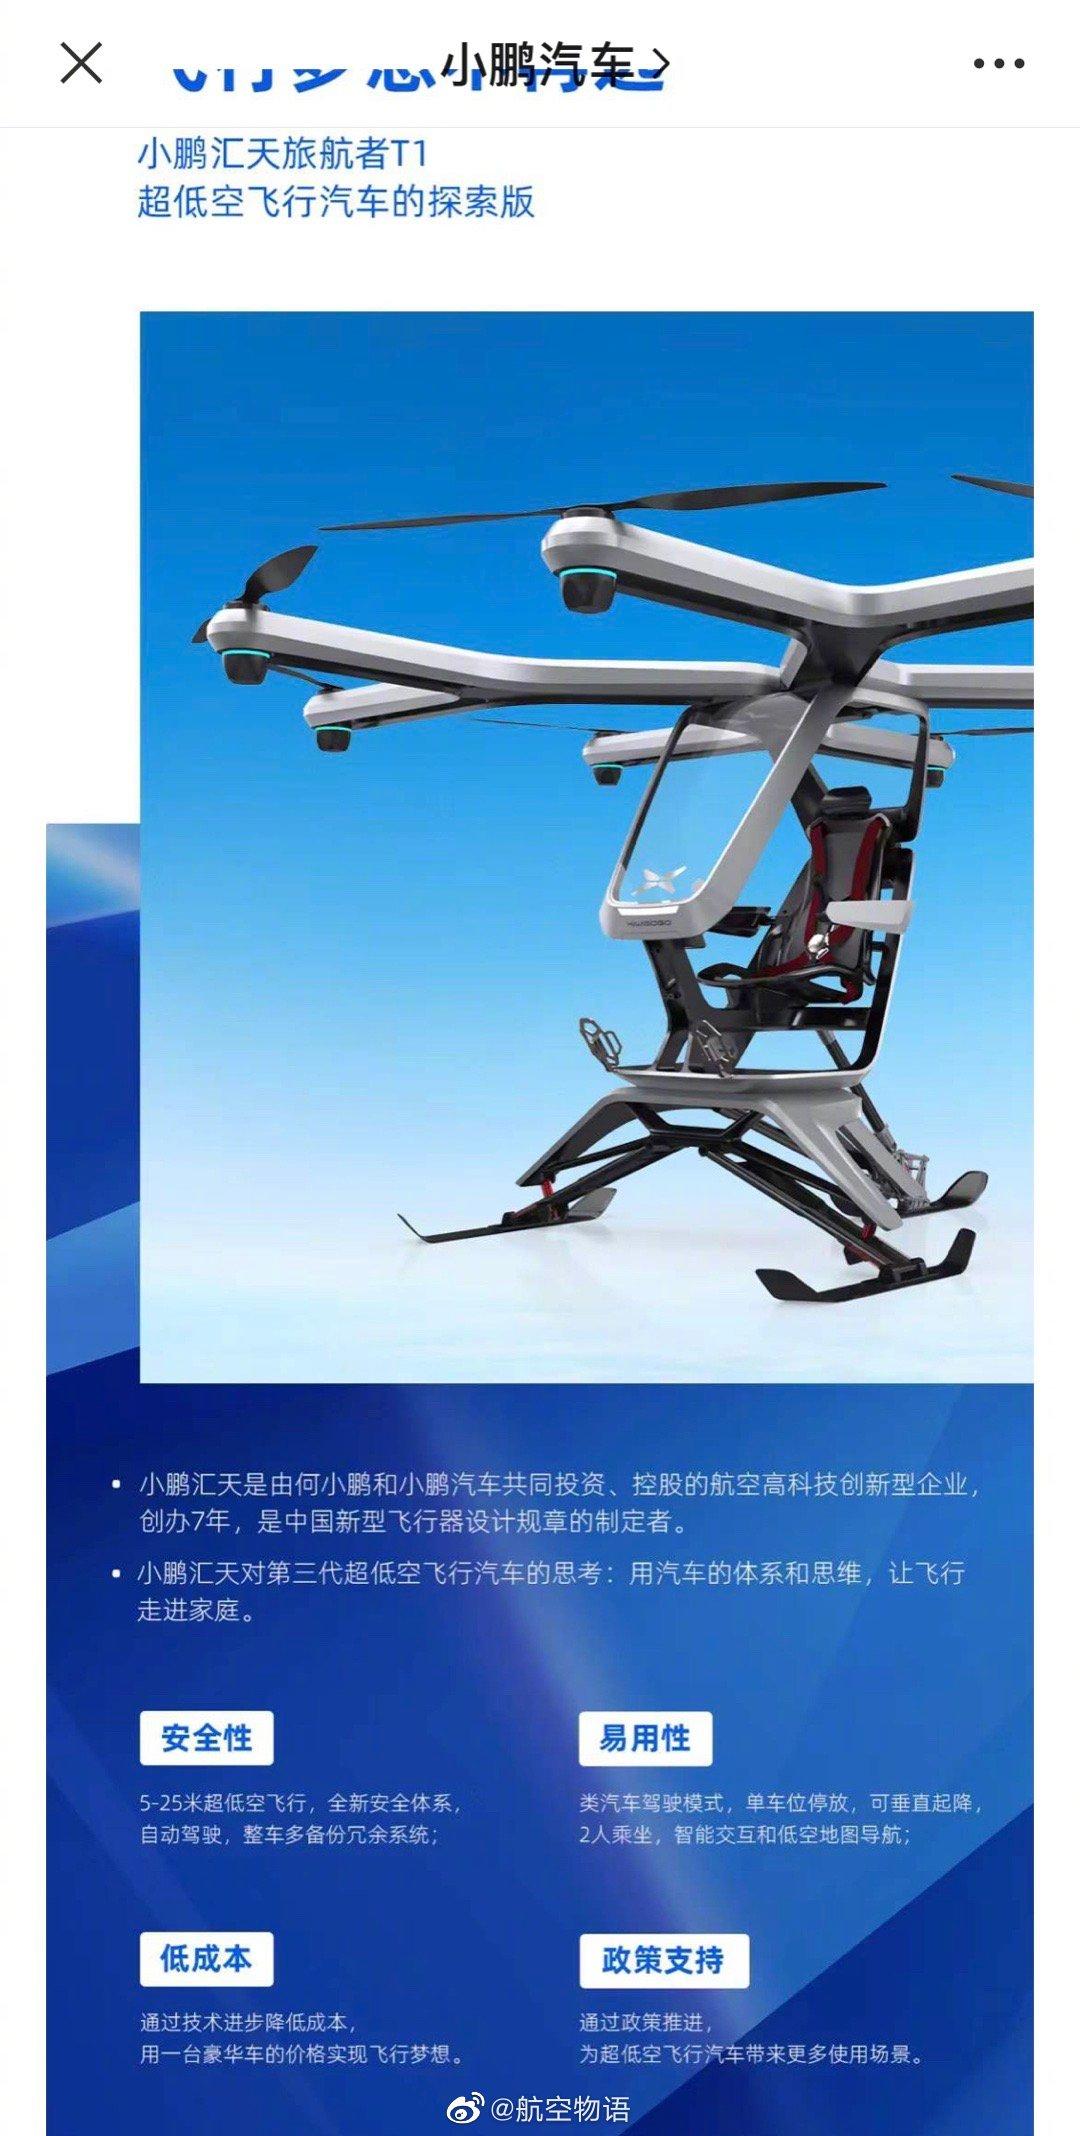 小鹏在北京车展发布了一个超低空飞行汽车